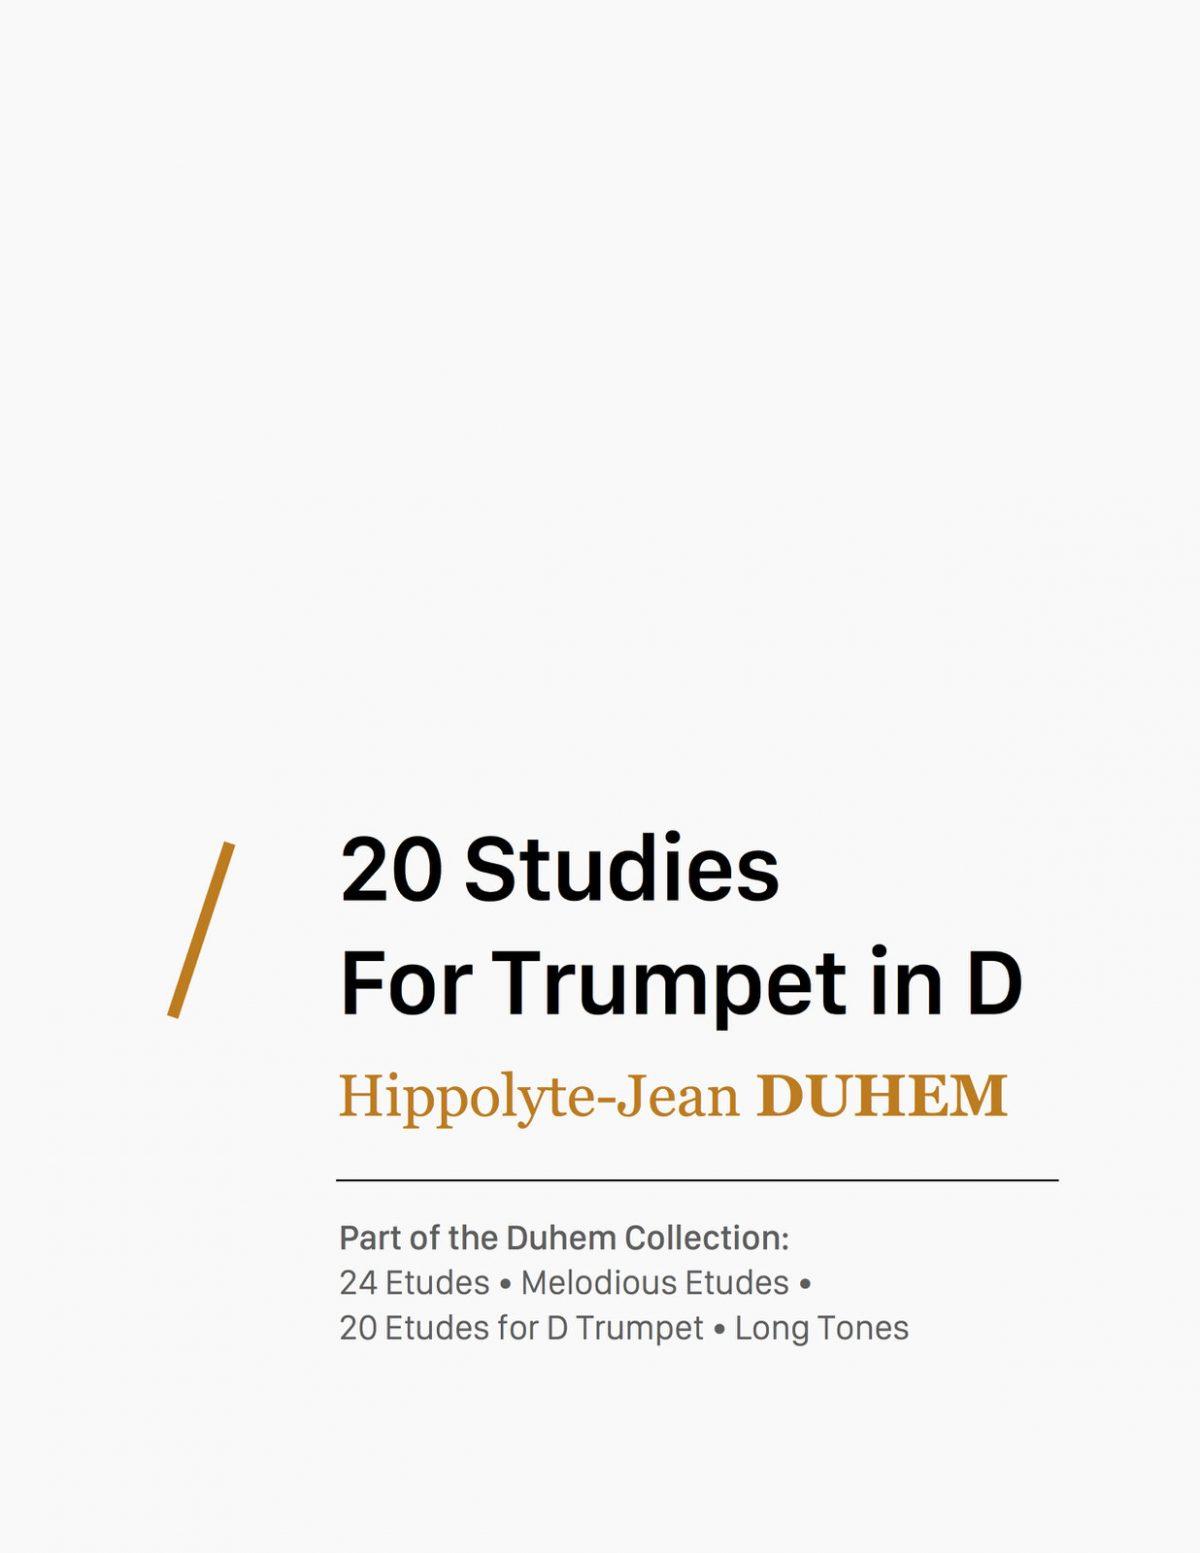 duhem-20-studies-for-d-trumpet